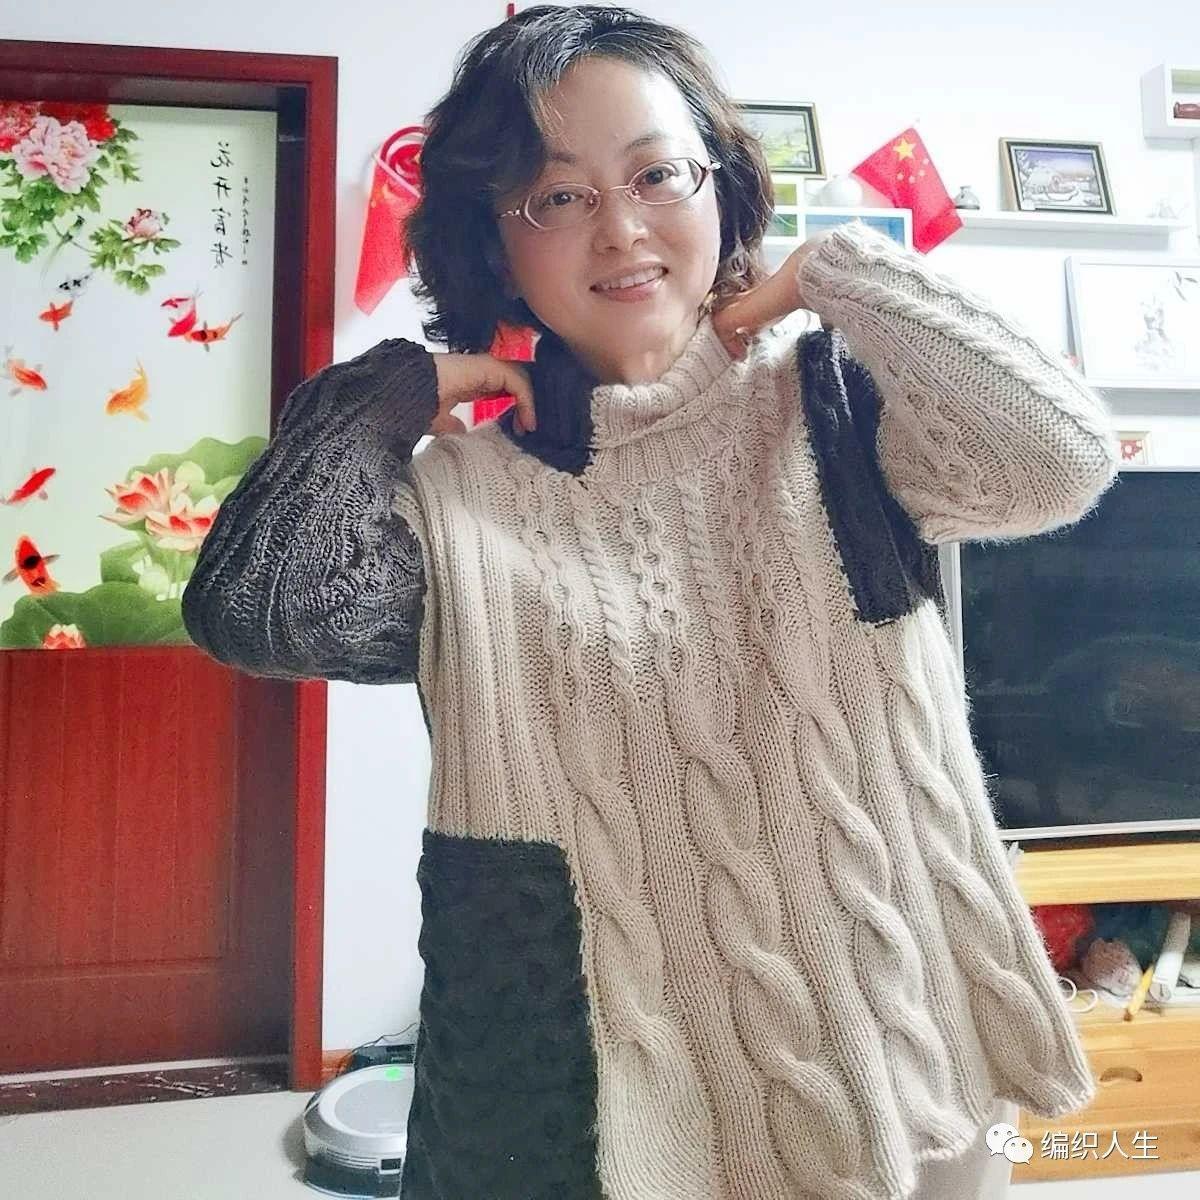 摩卡:女士高领拼色羊绒套头衫(有编织图解)